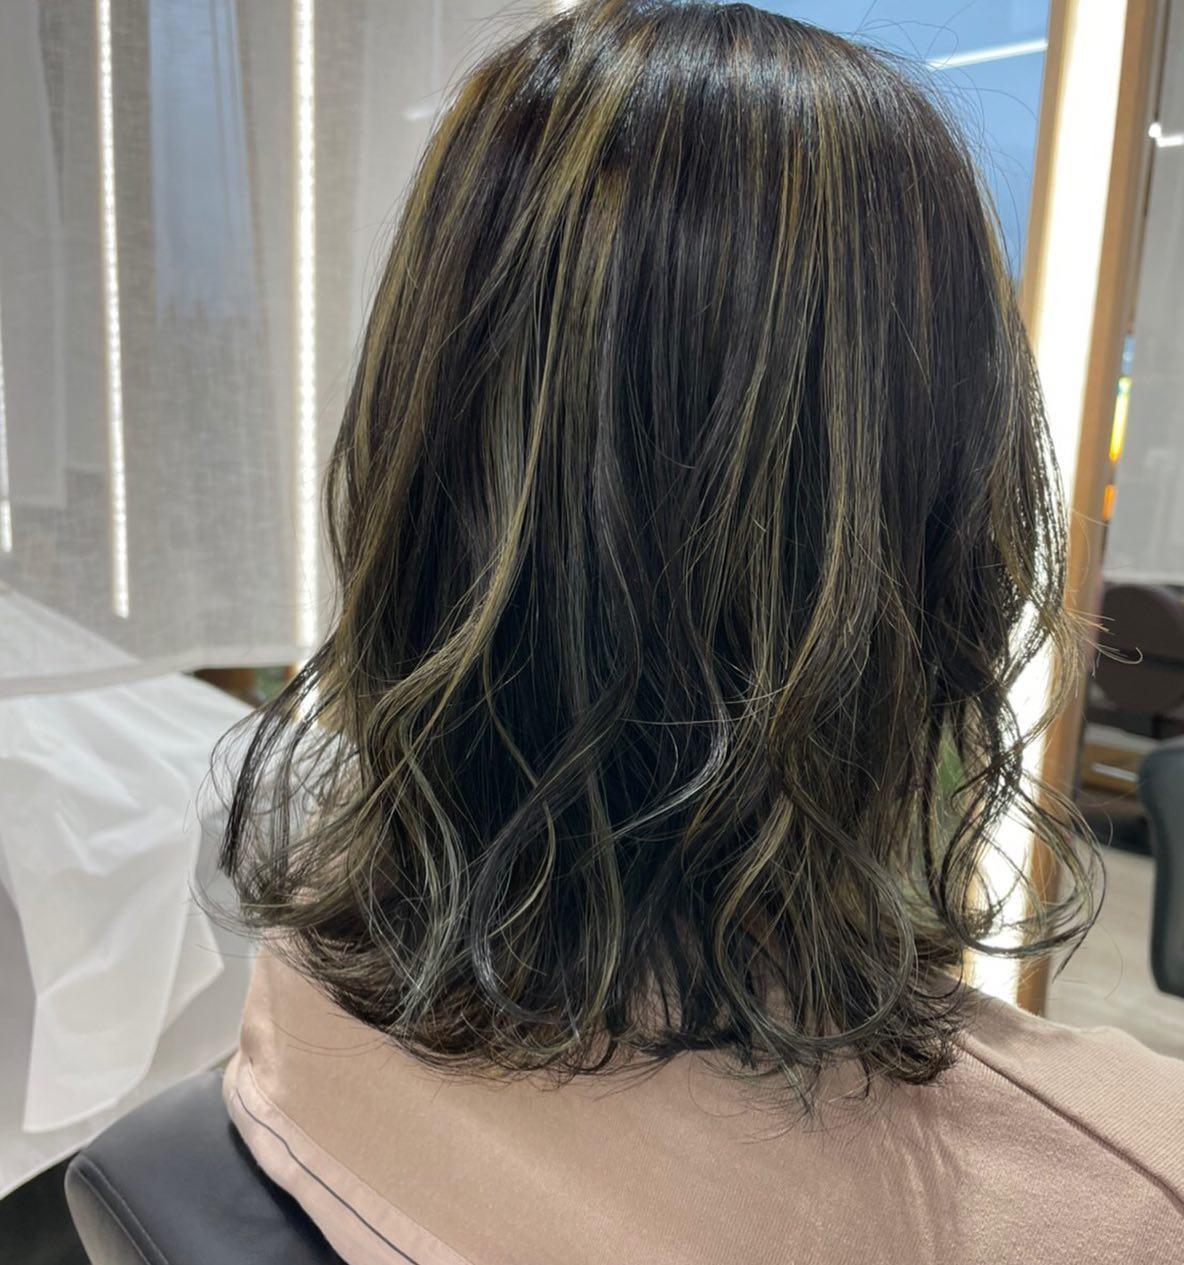 平日  10:00〜20:00lastcut 18:30 other 18:00土日祝  9:00〜19:00lastcut 18:00 other 17:00close  wednesdayhttp://www.totti-hd.com暗い中でも明るくおしゃれにハイライトカラー退色も楽しみ🤩#totti#perm #cut #hairstyle #haircolor #hairarrange #stylist #care #carelist #aujua #イルミナカラー #headspa #treatment #美容院#着付け